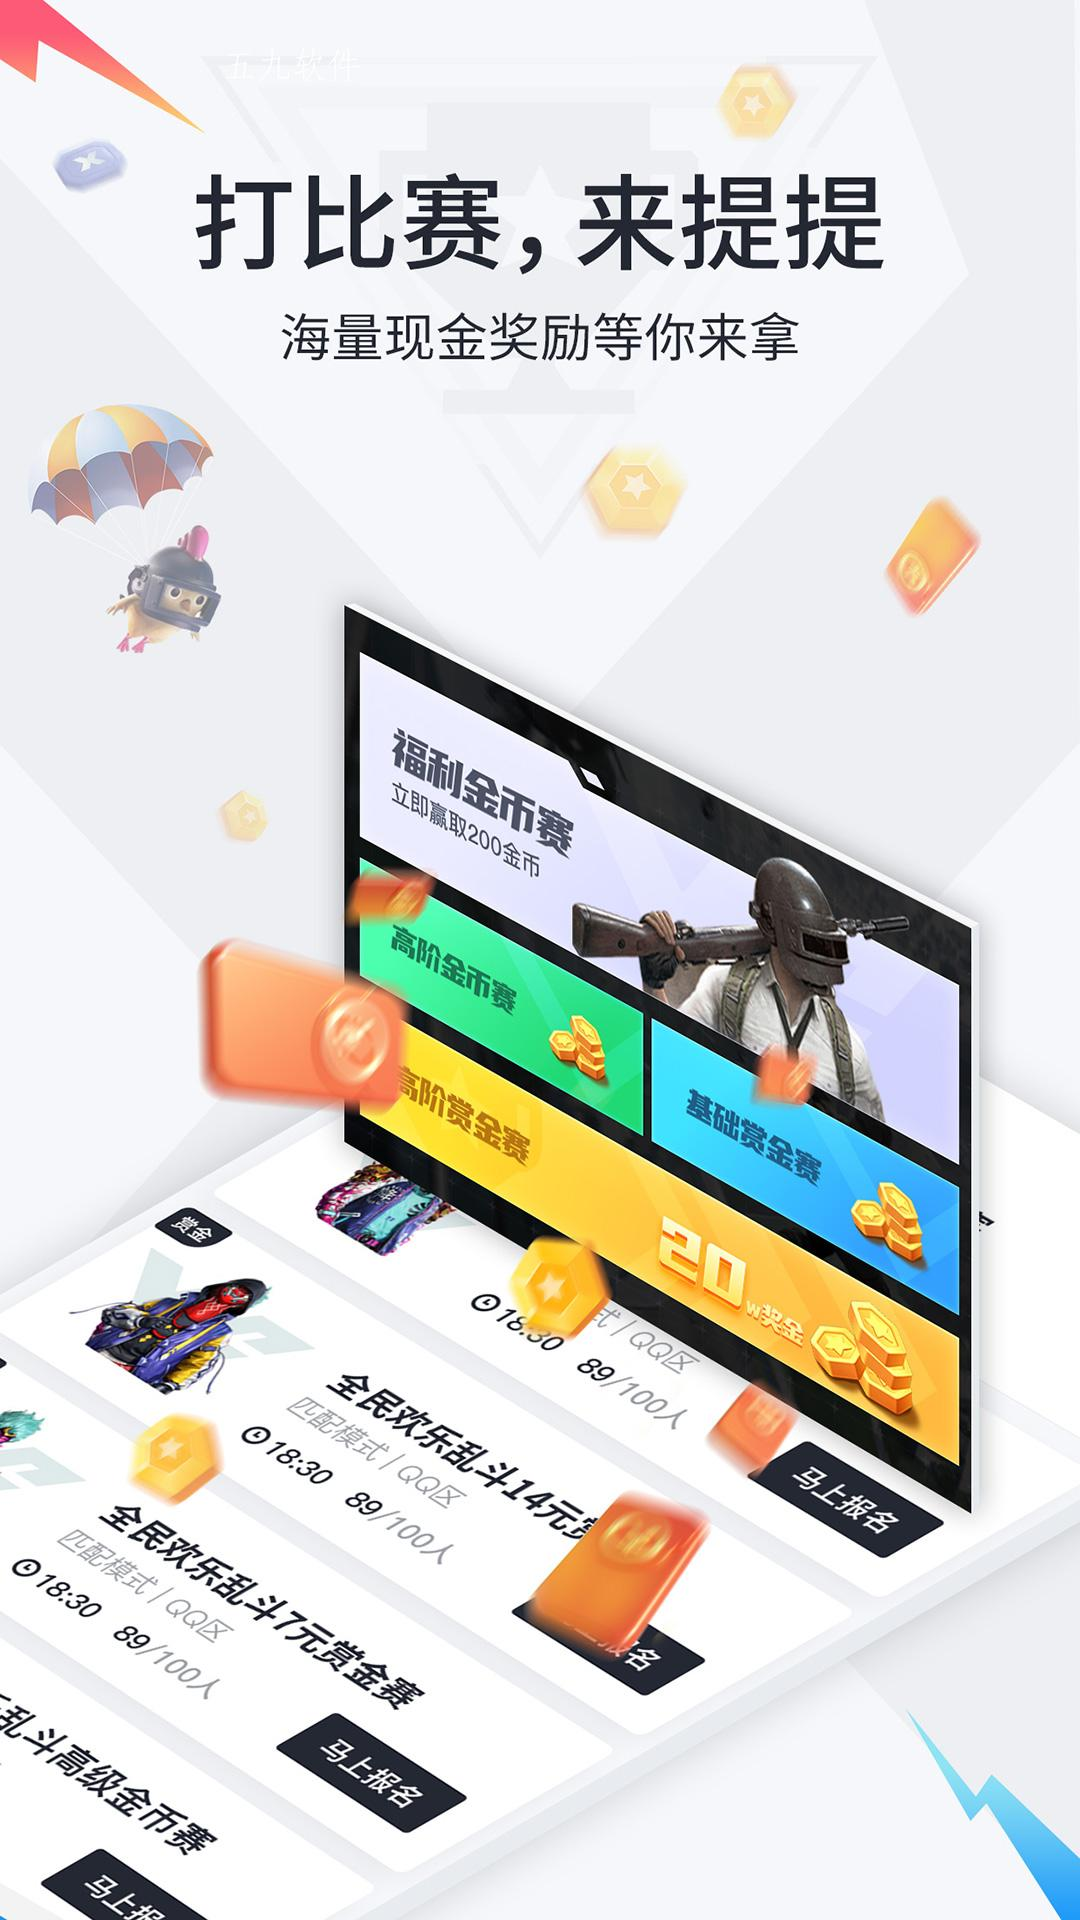 《提提电竞app开发多少钱一个》